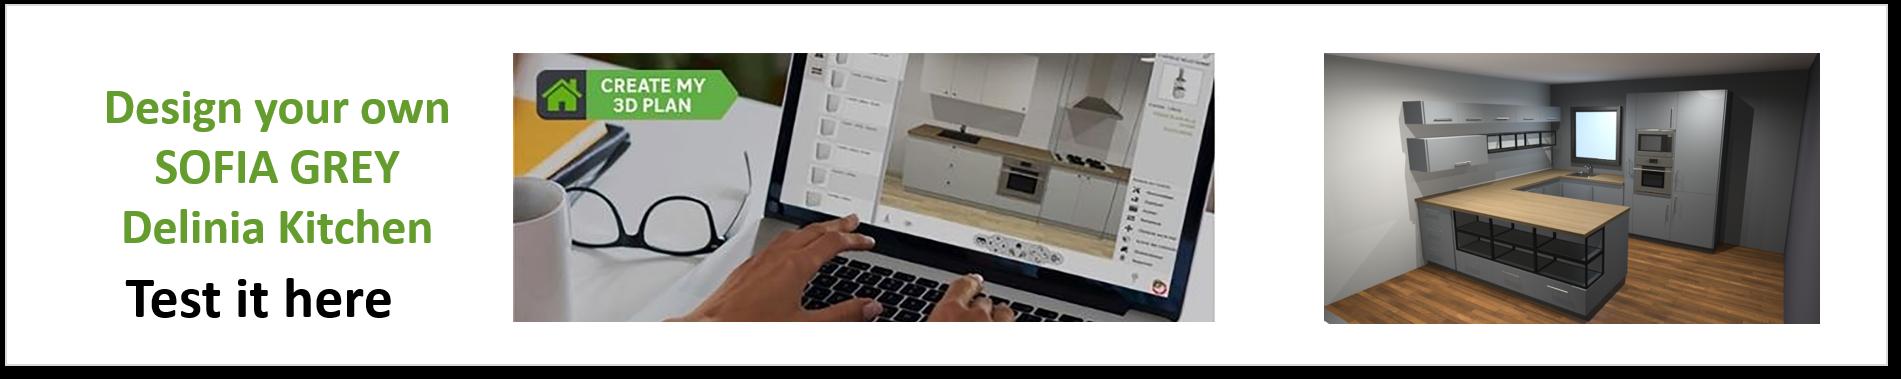 Create or Design your own Delinia Sofia Grey Designer Kitchen